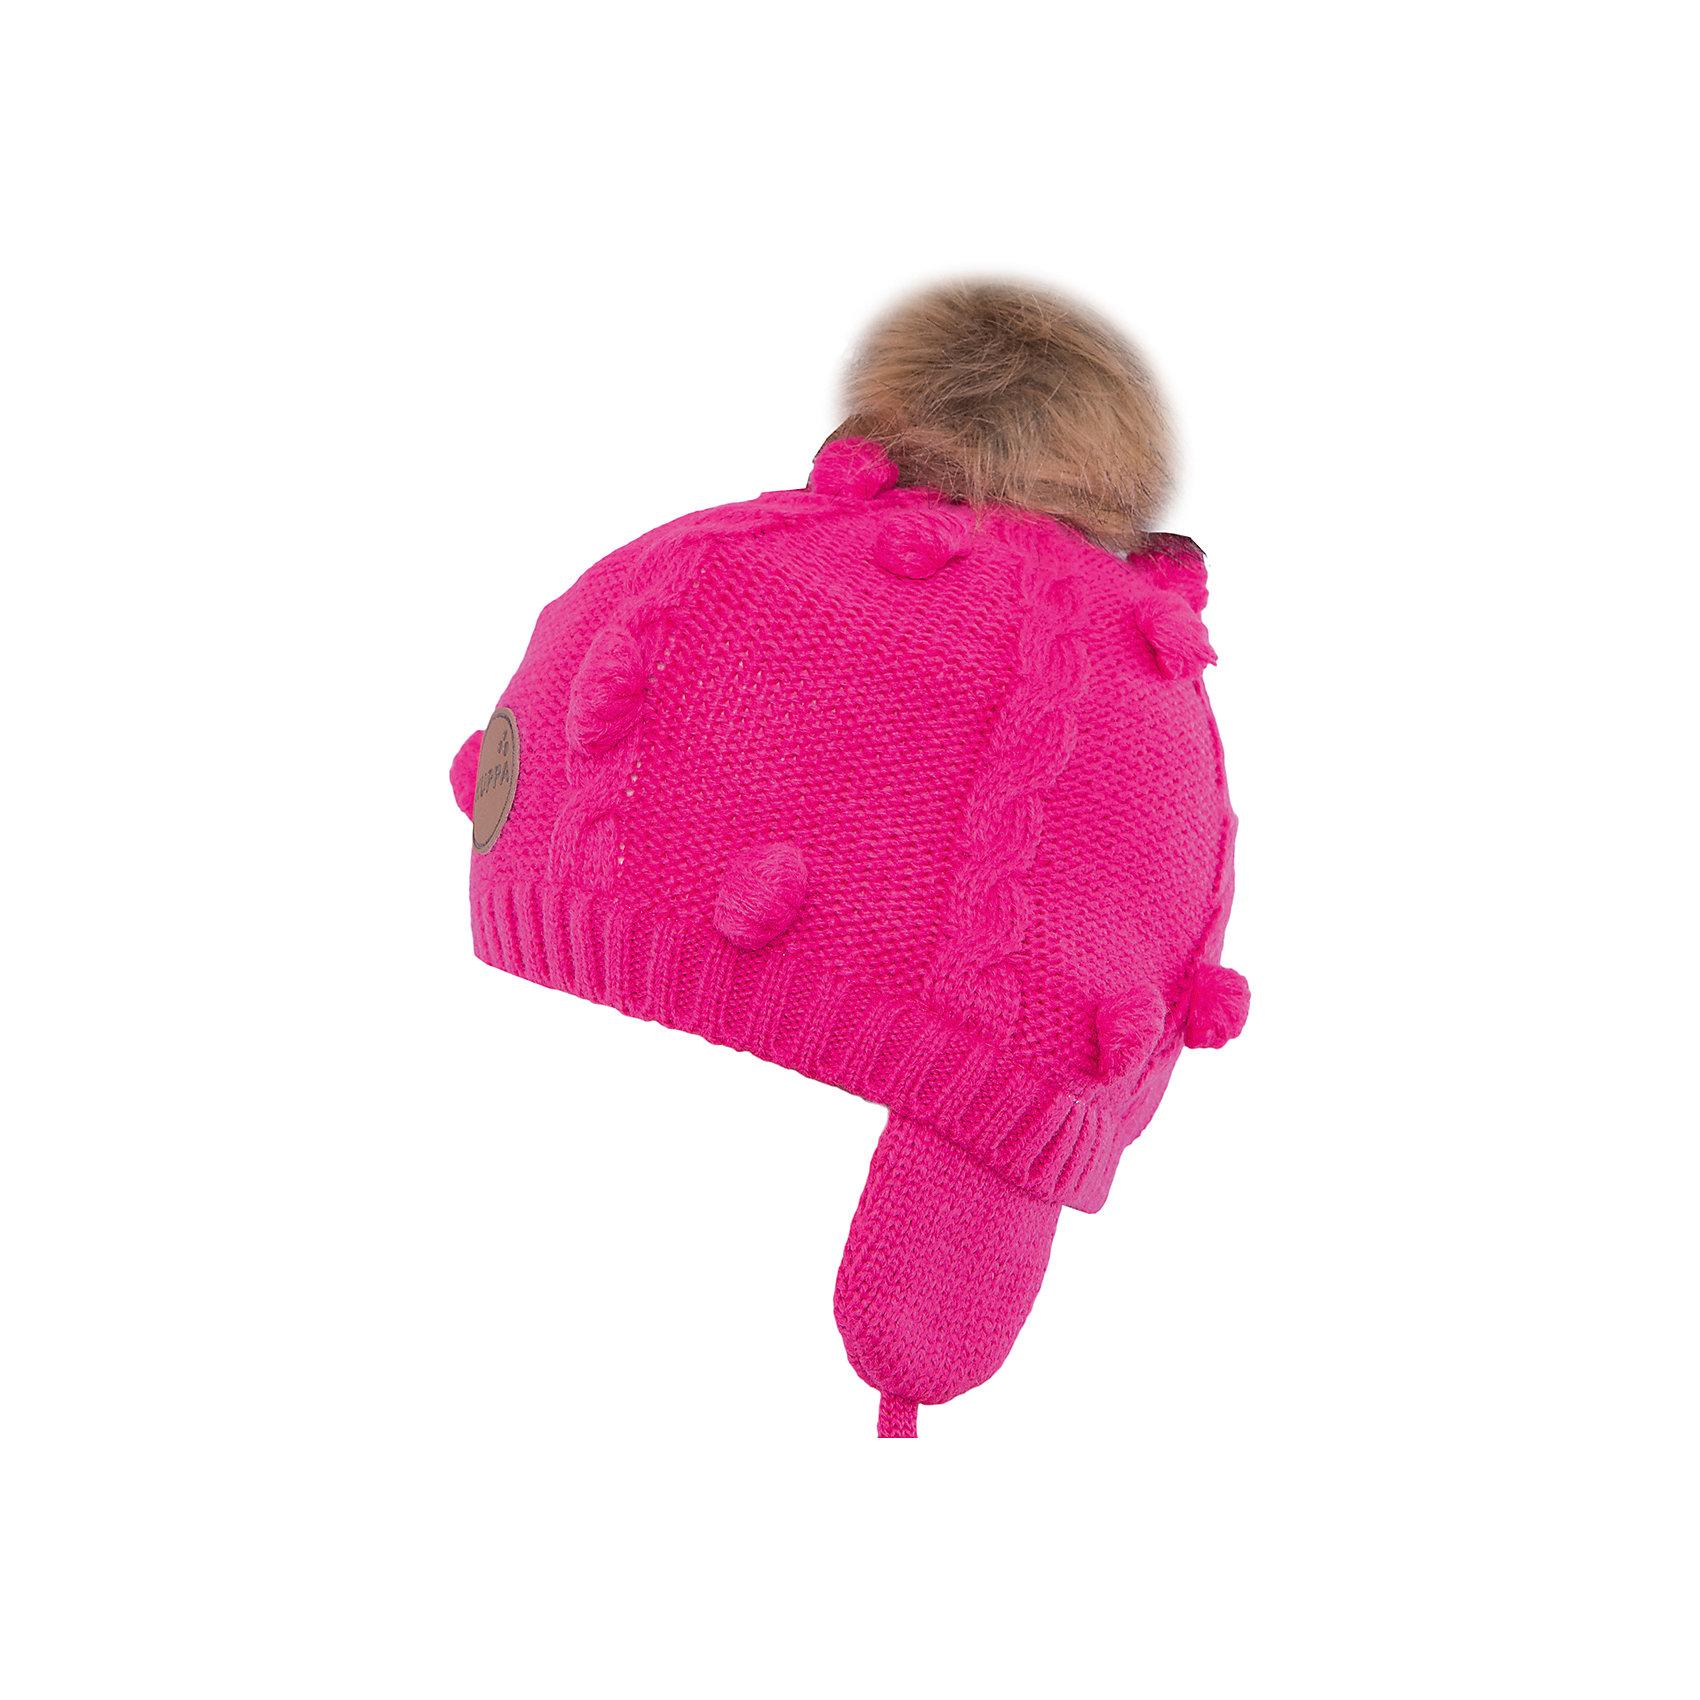 Шапка Macy HuppaМодная вязаная шапка MACY Huppa(Хуппа) изготовлена из акрила. Она отлично защищает голову и уши ребенка от холода, благодаря удобной форме, завязкам и клапанам. Шапка украшена меховым помпоном, который обязательно понравится маленькой моднице.<br><br>Дополнительная информация: <br>Материал: 100% акрил<br>Подкладка: 100% хлопок<br>Цвет: фуксия<br><br>Шапку MACY Huppa(Хуппа) можно приобрести в нашем интернет-магазине.<br><br>Ширина мм: 89<br>Глубина мм: 117<br>Высота мм: 44<br>Вес г: 155<br>Цвет: розовый<br>Возраст от месяцев: 84<br>Возраст до месяцев: 120<br>Пол: Женский<br>Возраст: Детский<br>Размер: 55-57,51-53,47-49<br>SKU: 4923834